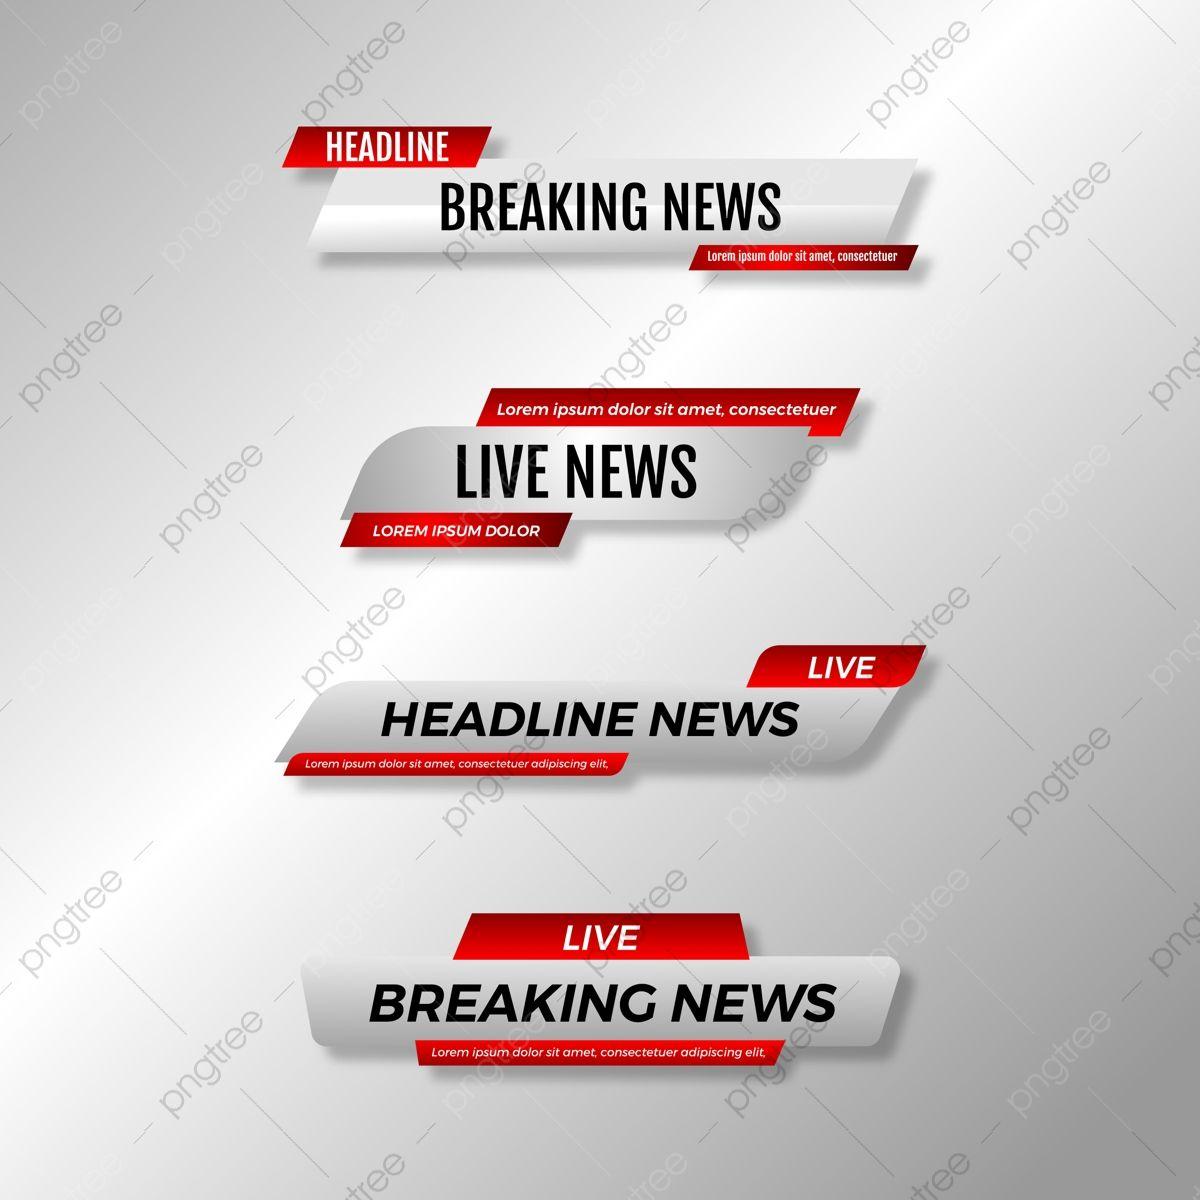 Conjunto De Barras De Noticias De Tv De Tercer Tercio Inferior Television Bar Negocio Png Y Vector Para Descargar Gratis Pngtree Tv News Psd Free Photoshop Bar Set